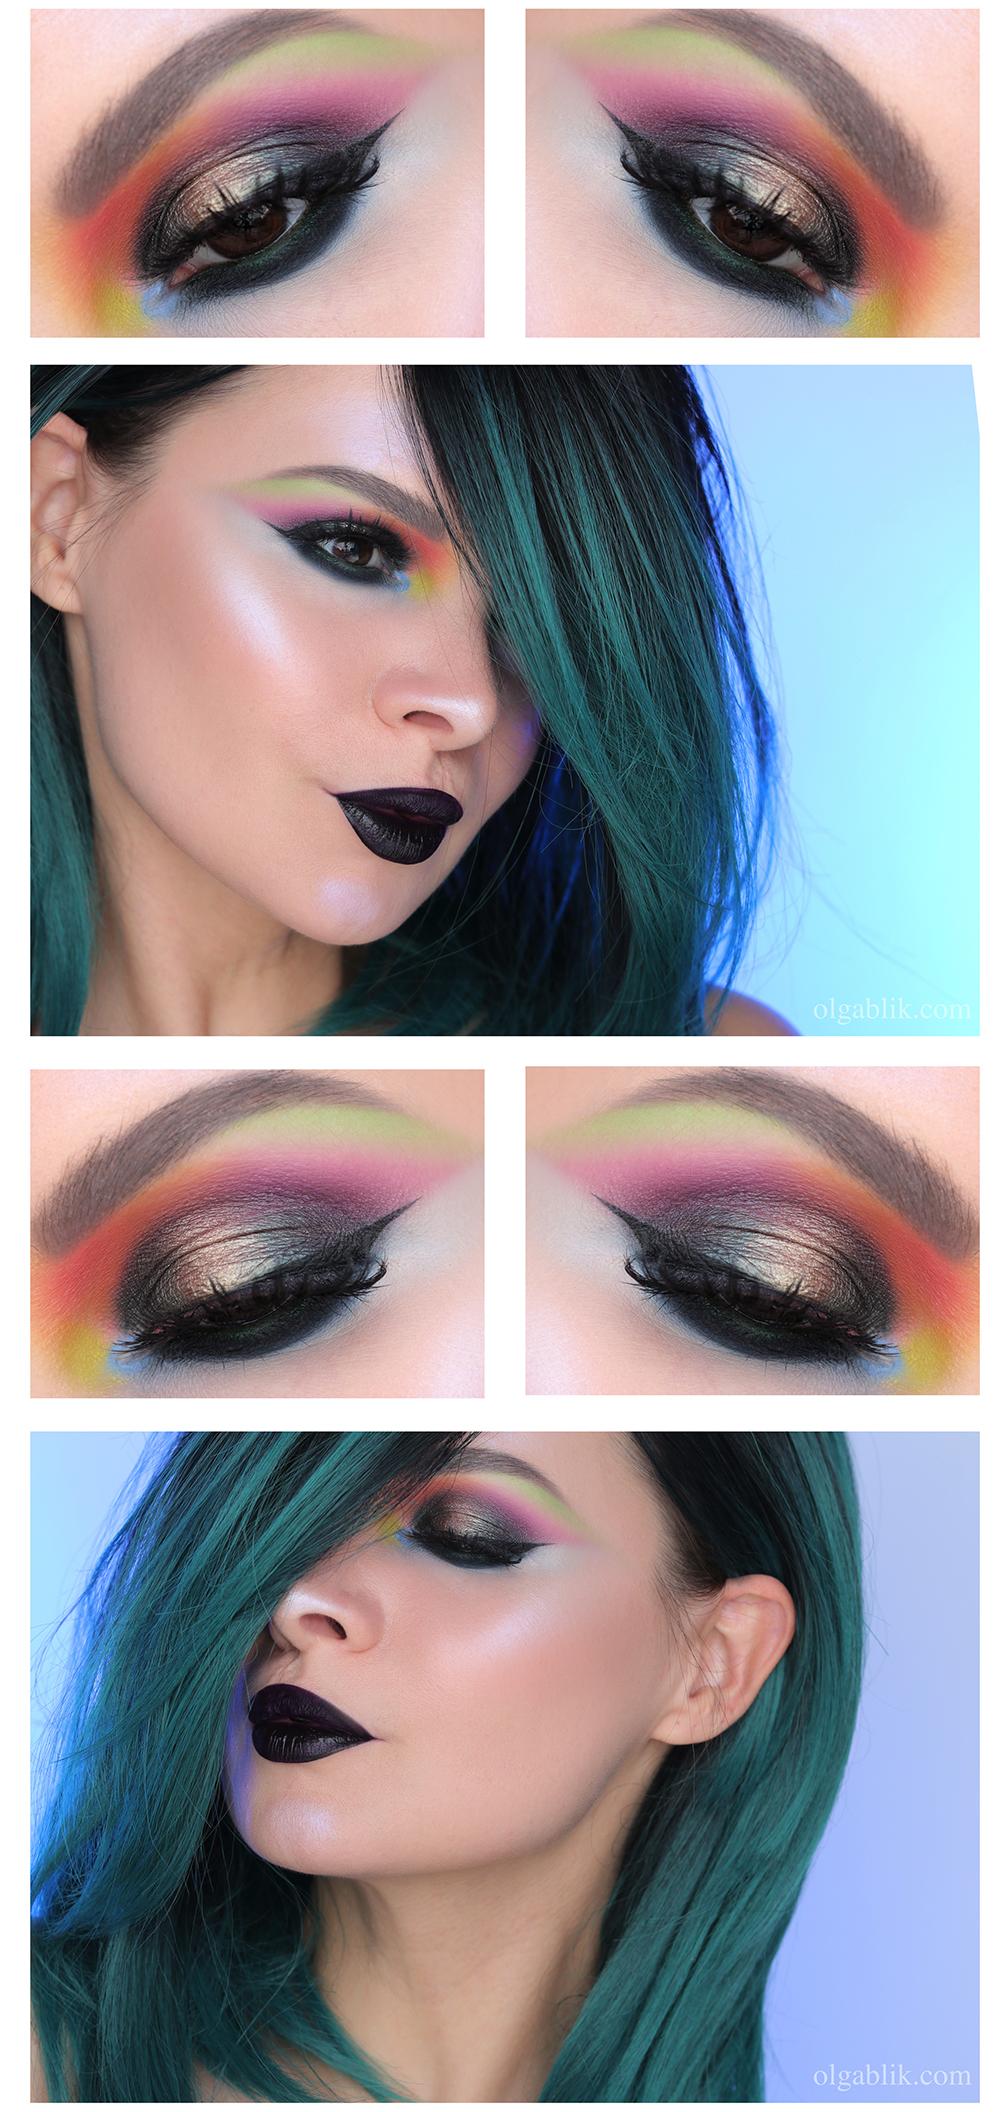 Цветной макияж со стрелками, Макияж и стрелки на глазах, Макияж со стрелками фото